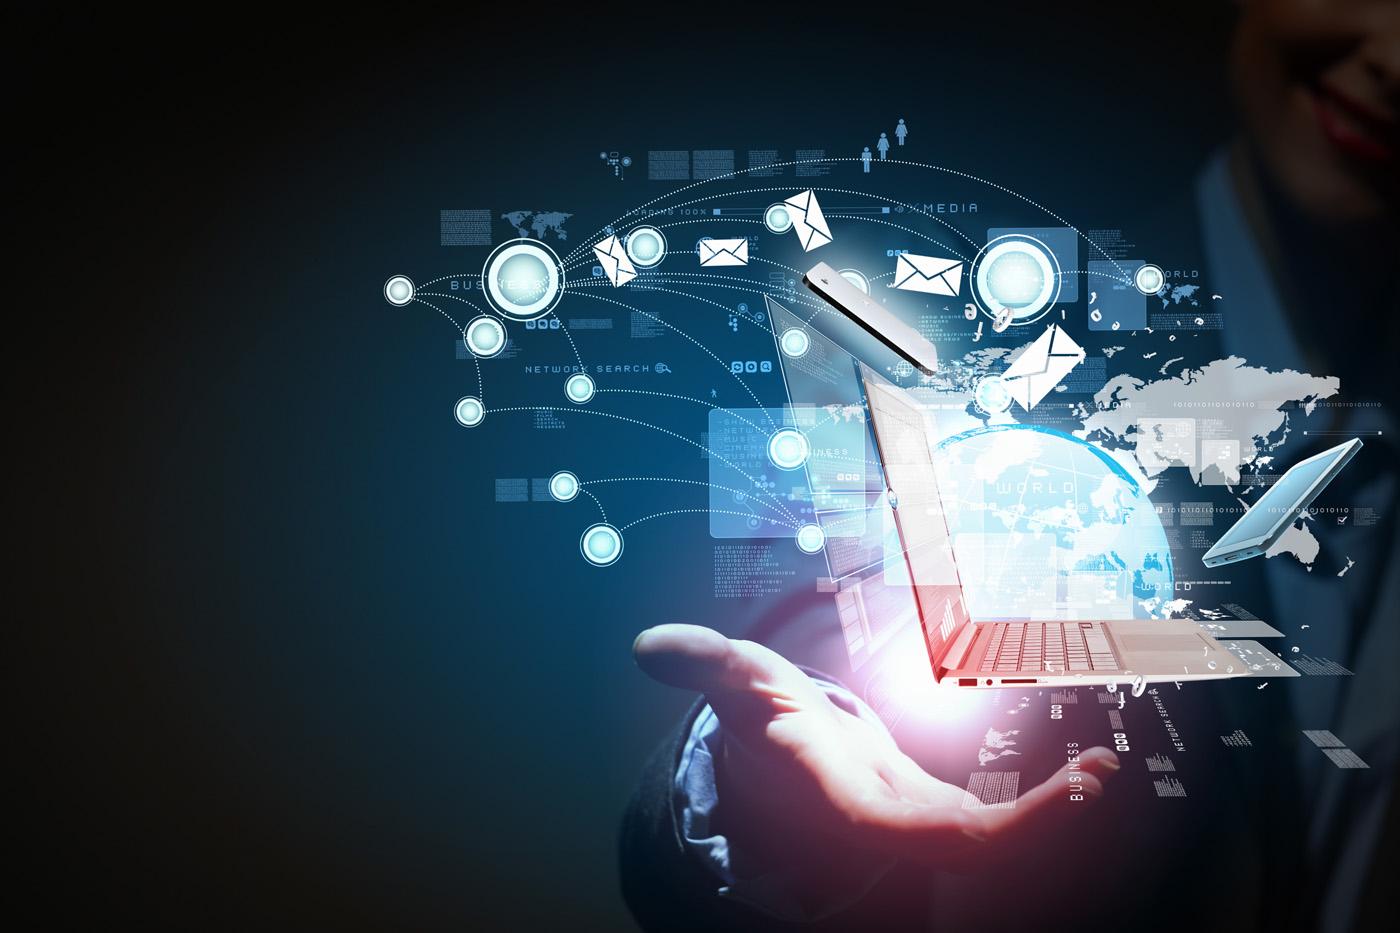 Tecnoadicciones: dependencia a los dispositivos (Parte I). Efectos perjudiciales